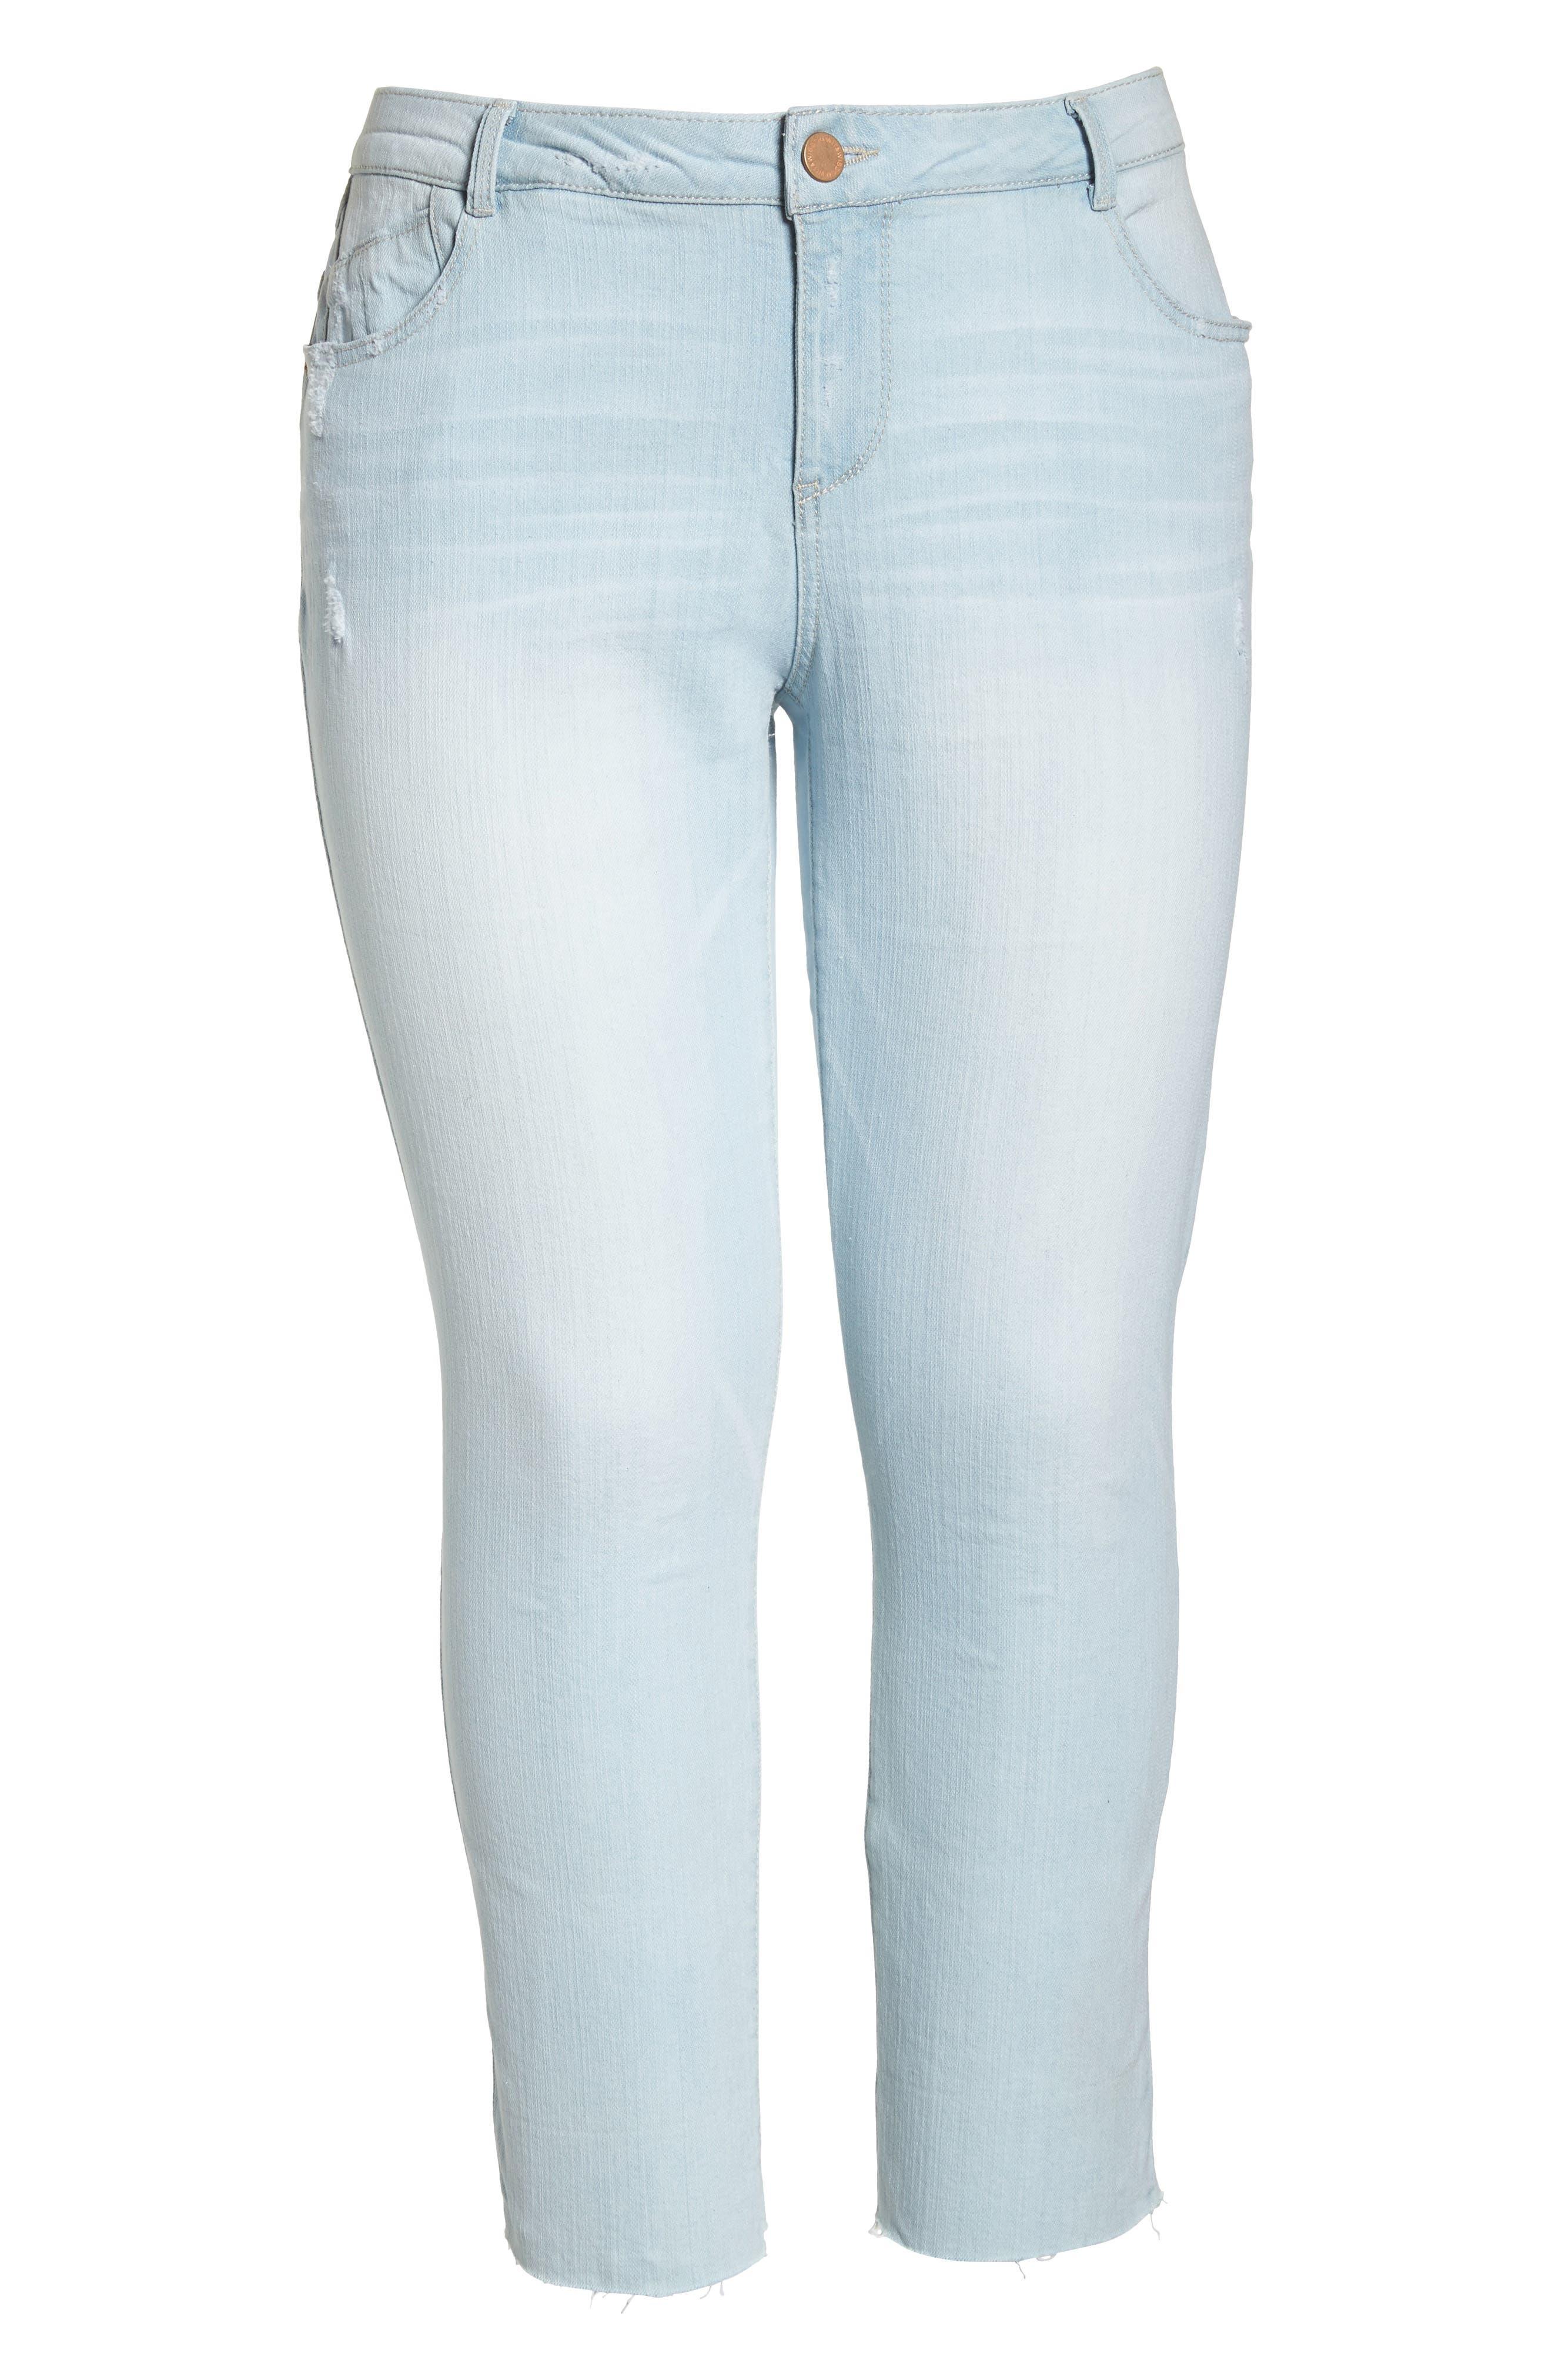 WIT & WISDOM, Flex-ellent Distressed Boyfriend Jeans, Alternate thumbnail 7, color, LIGHT BLUE